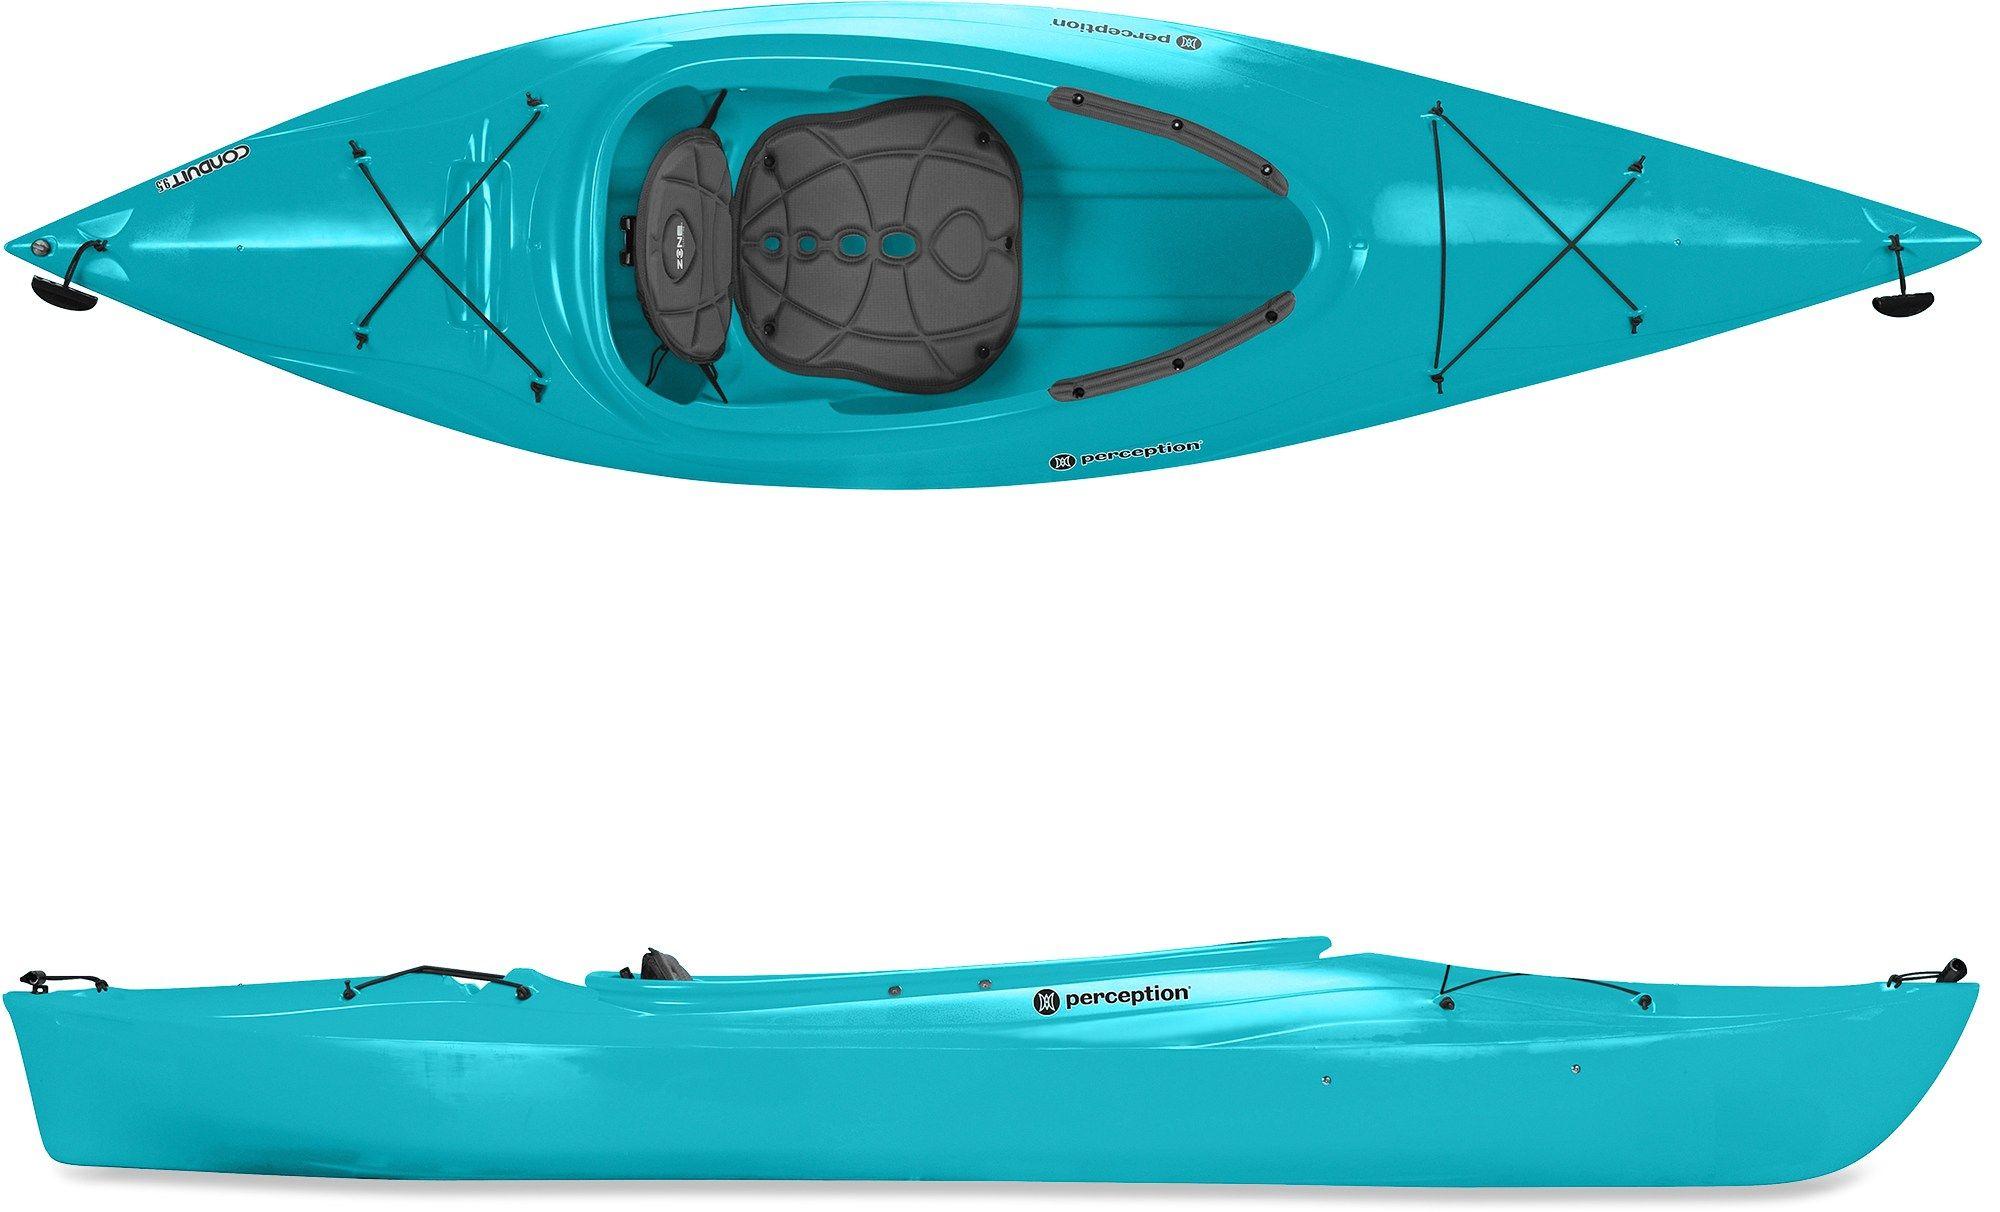 Perception Conduit 9.5 Kayak Kayaking, Recreational